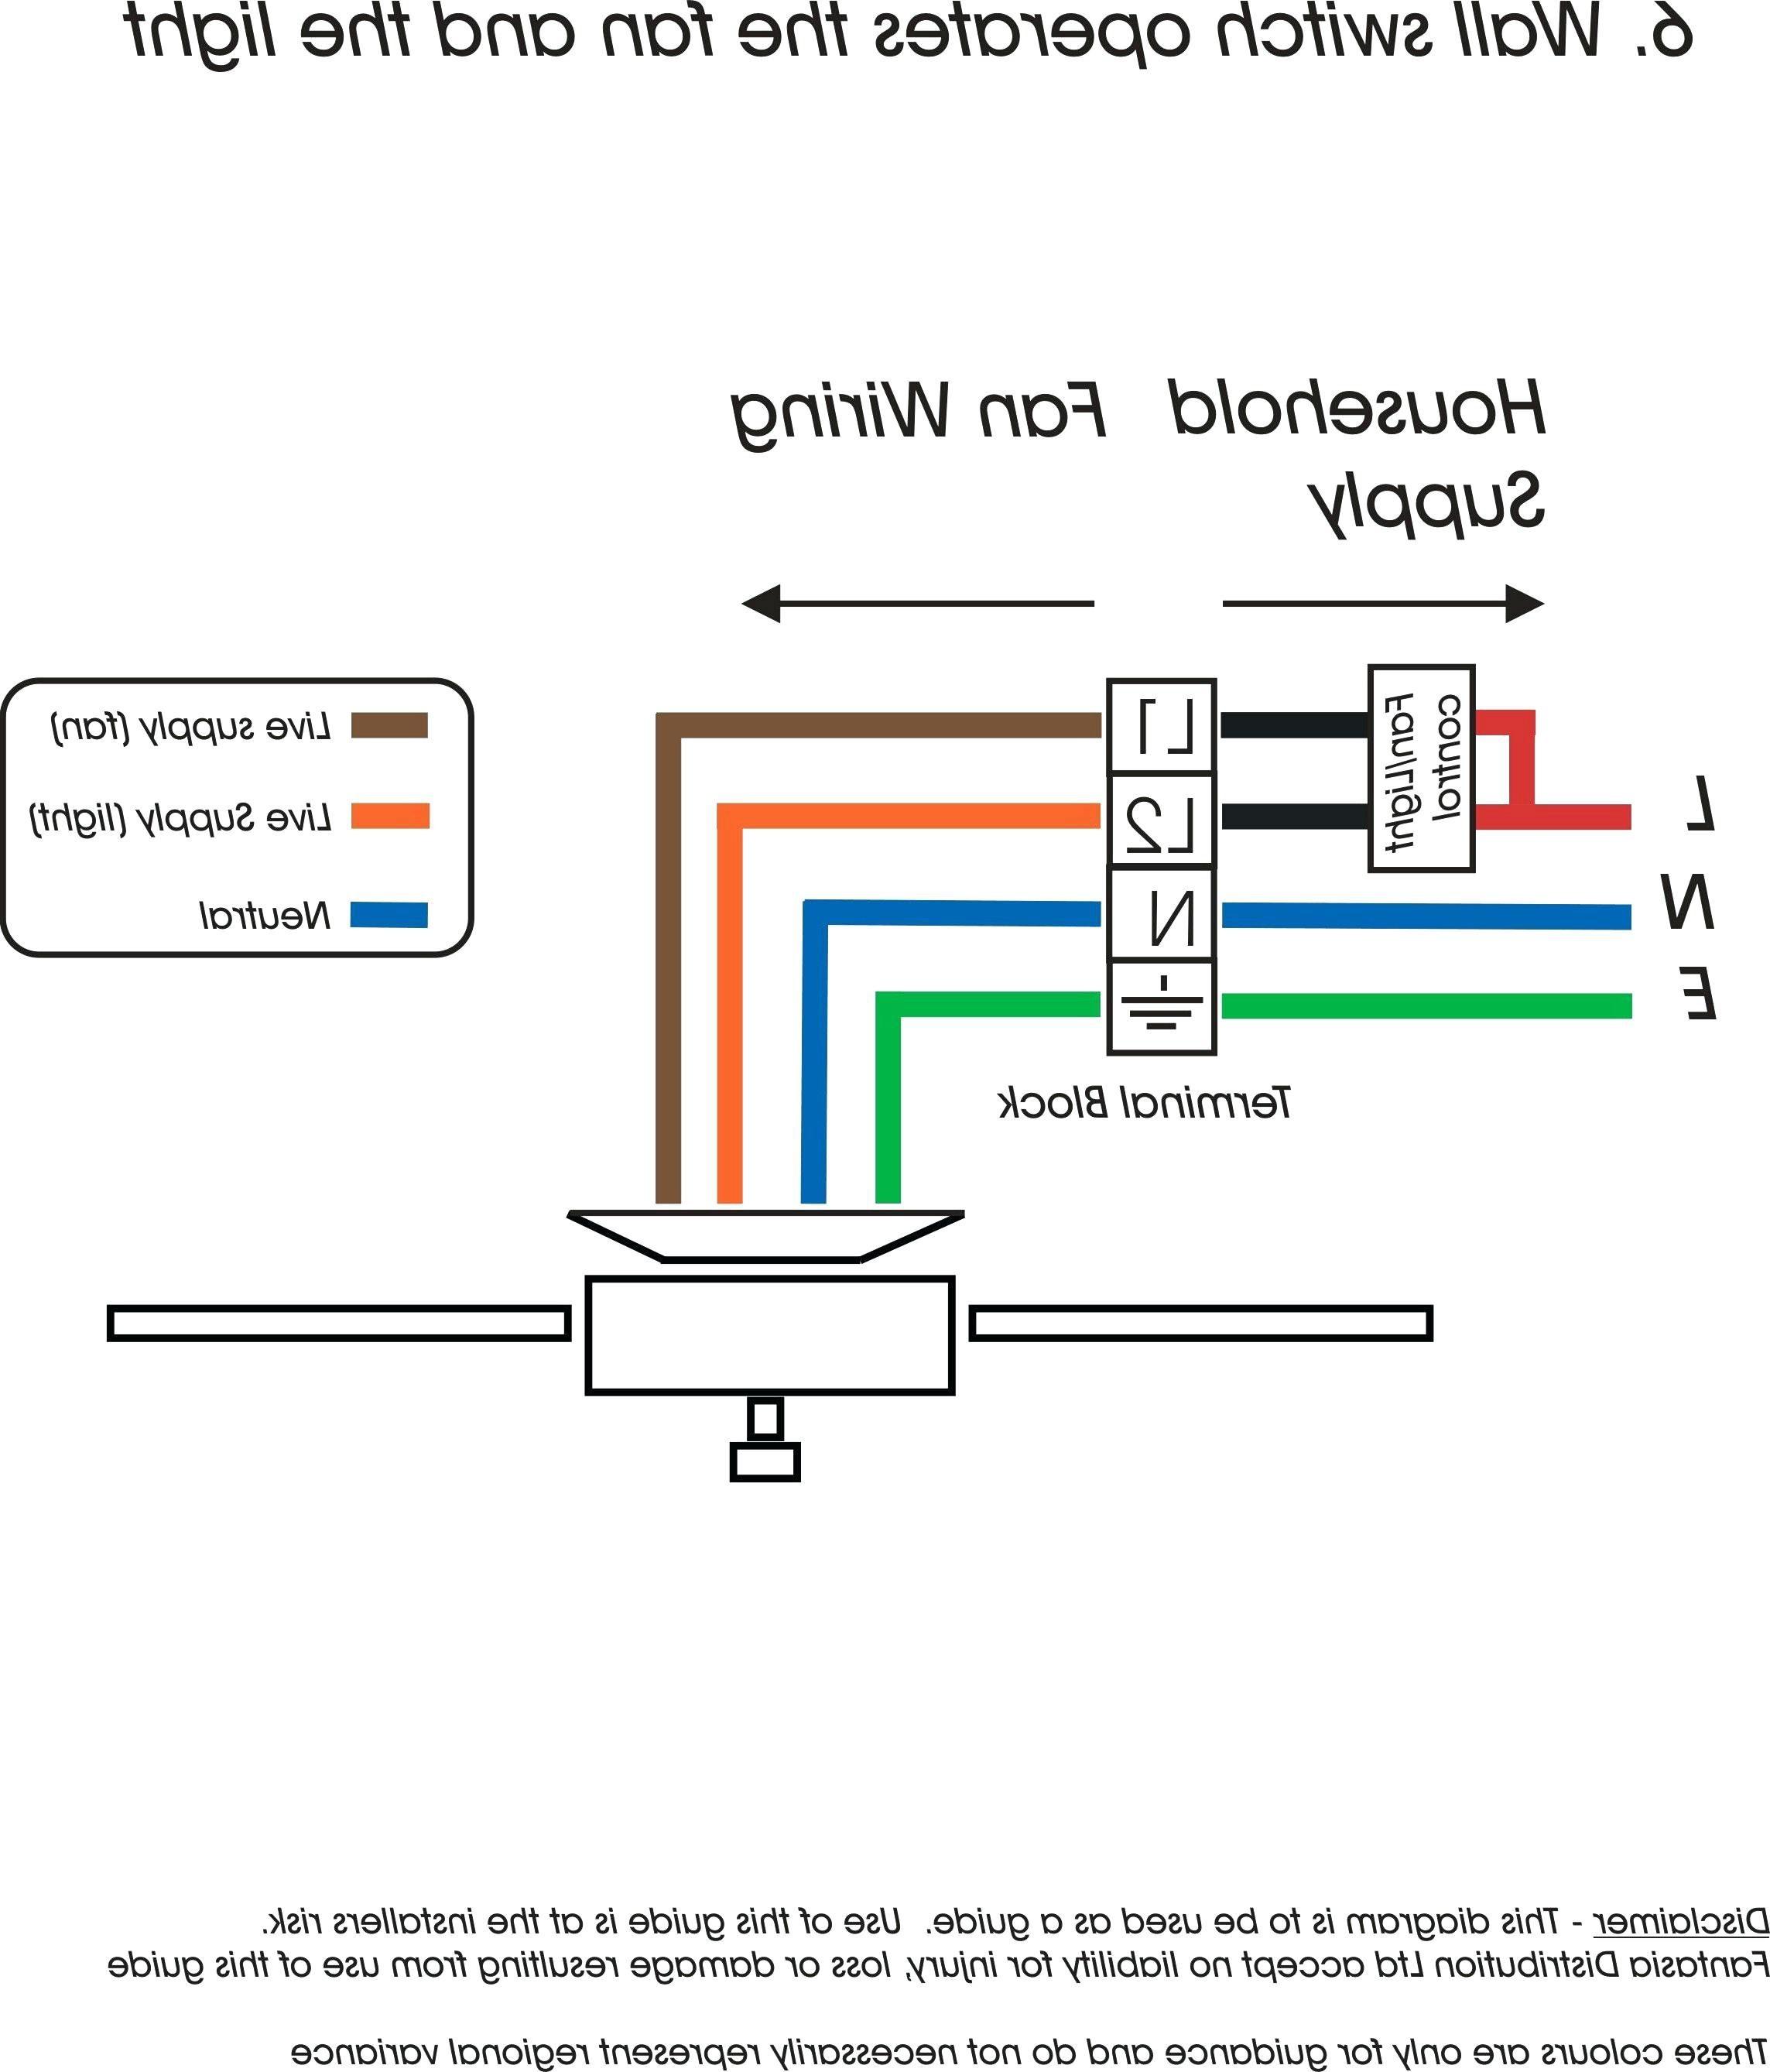 Brake Light Wiring Diagram Tail Light Wiring Diagram Fresh Wiring Diagram for Bathroom Fan and Of Brake Light Wiring Diagram